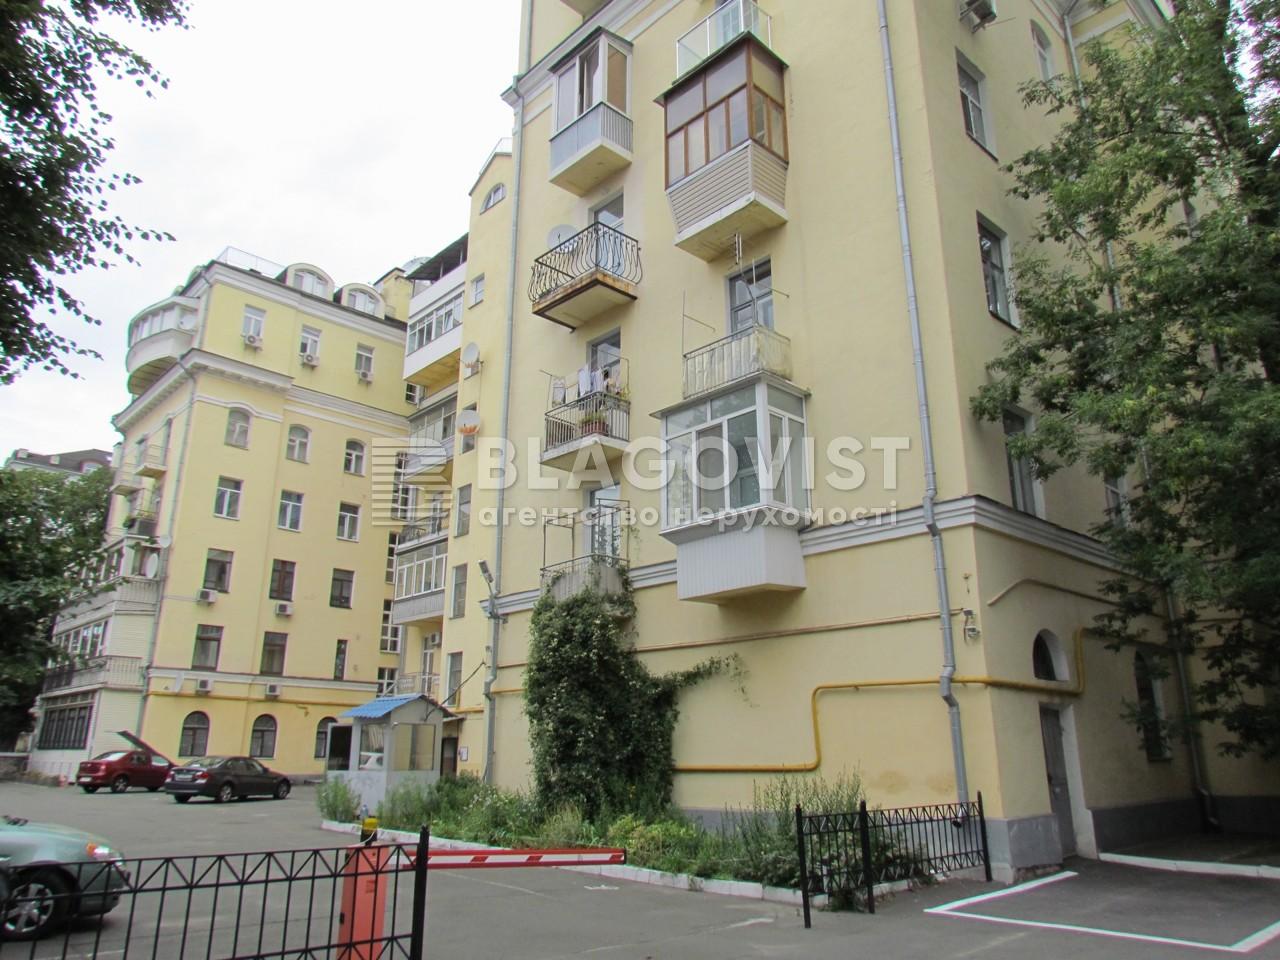 Нежитлове приміщення, Z-1717044, Орлика П., Київ - Фото 1